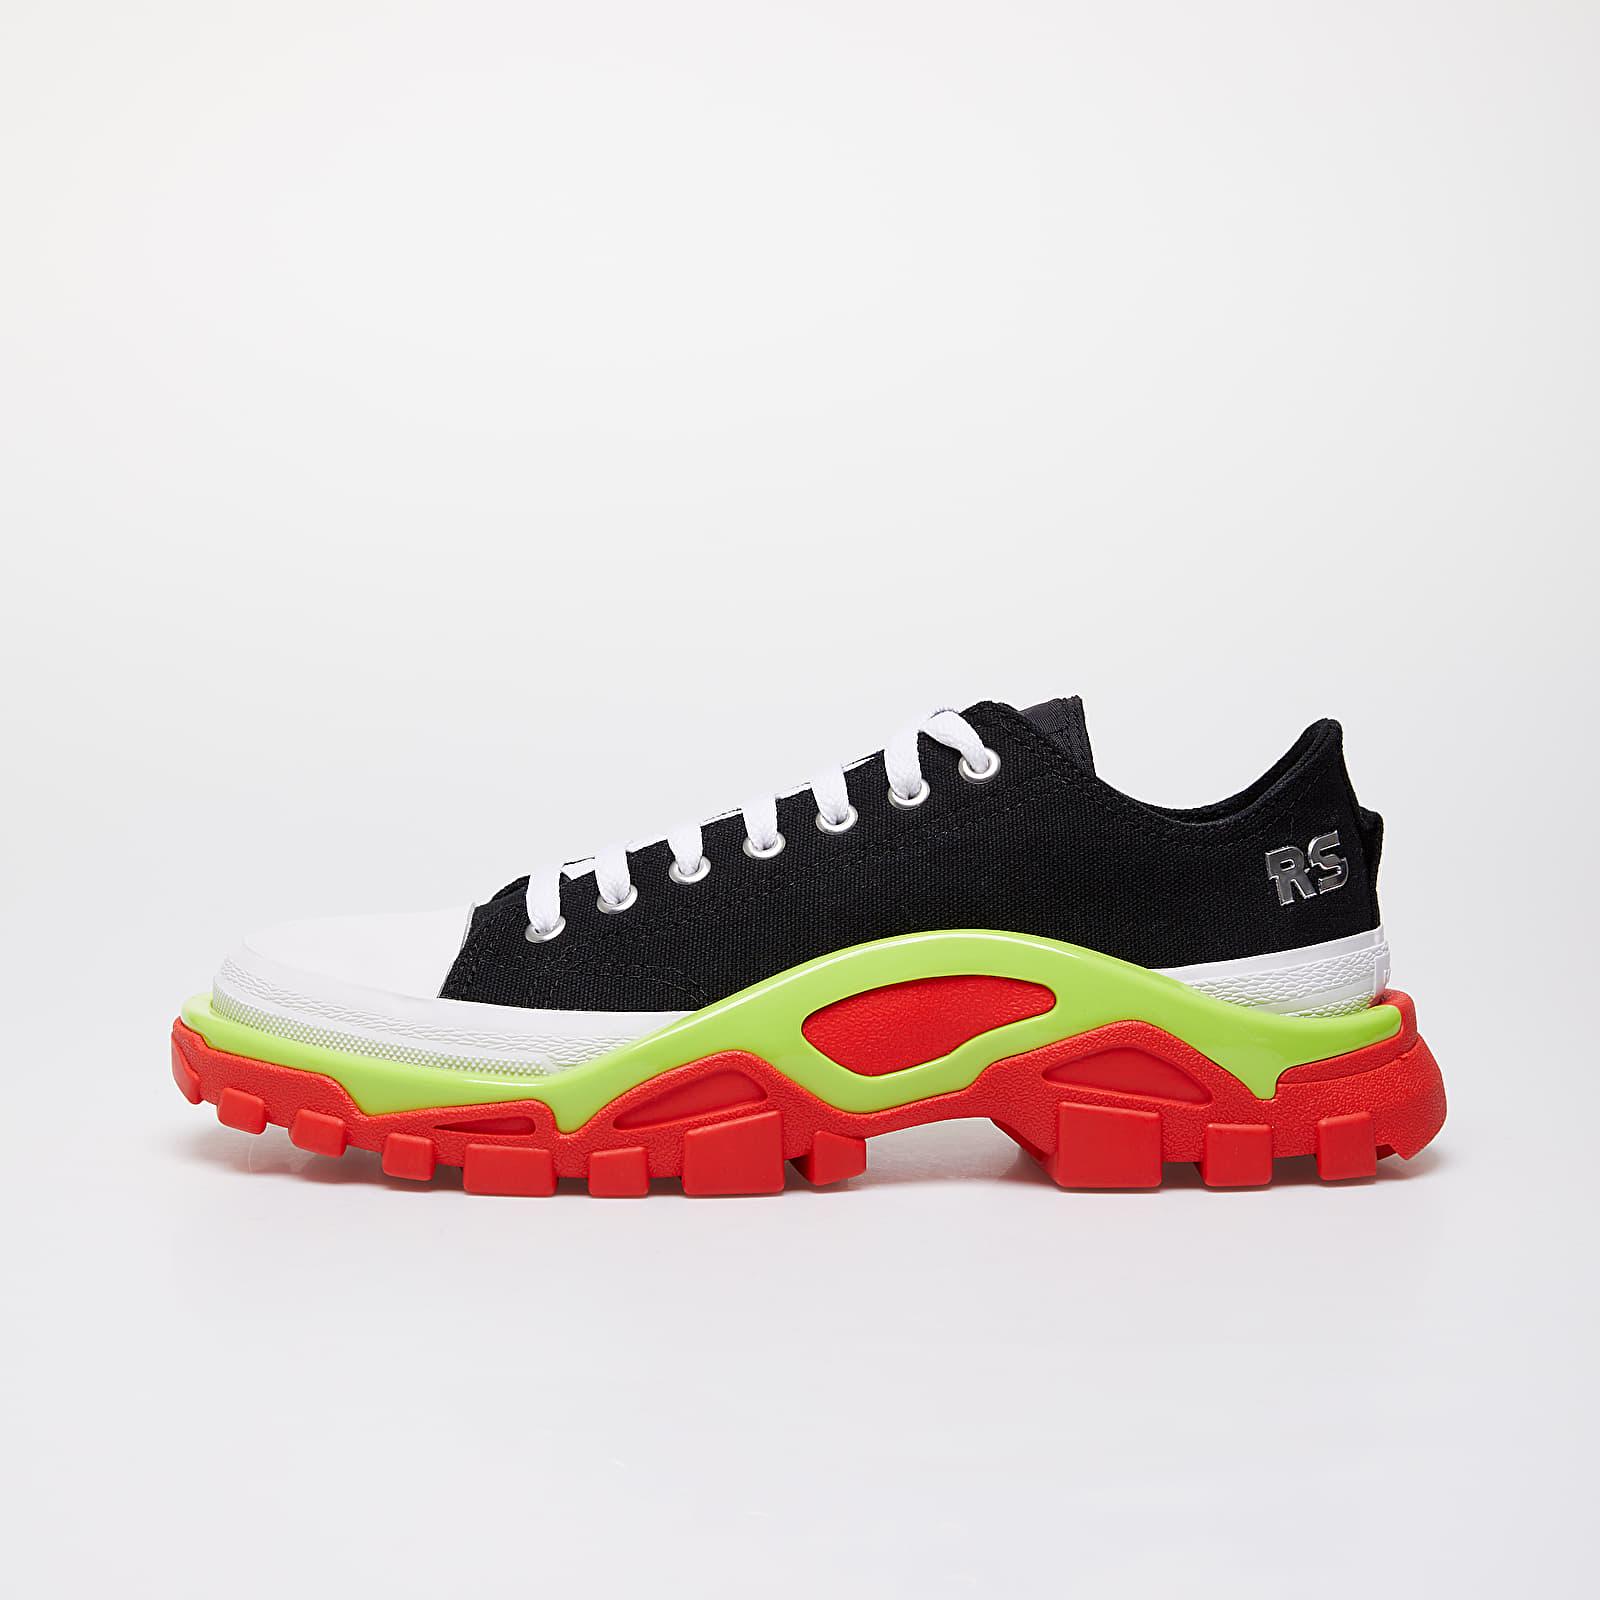 Ανδρικά παπούτσια adidas x Raf Simons Detroit Runner Core Black/ Silver Metallic/ Solar Slime